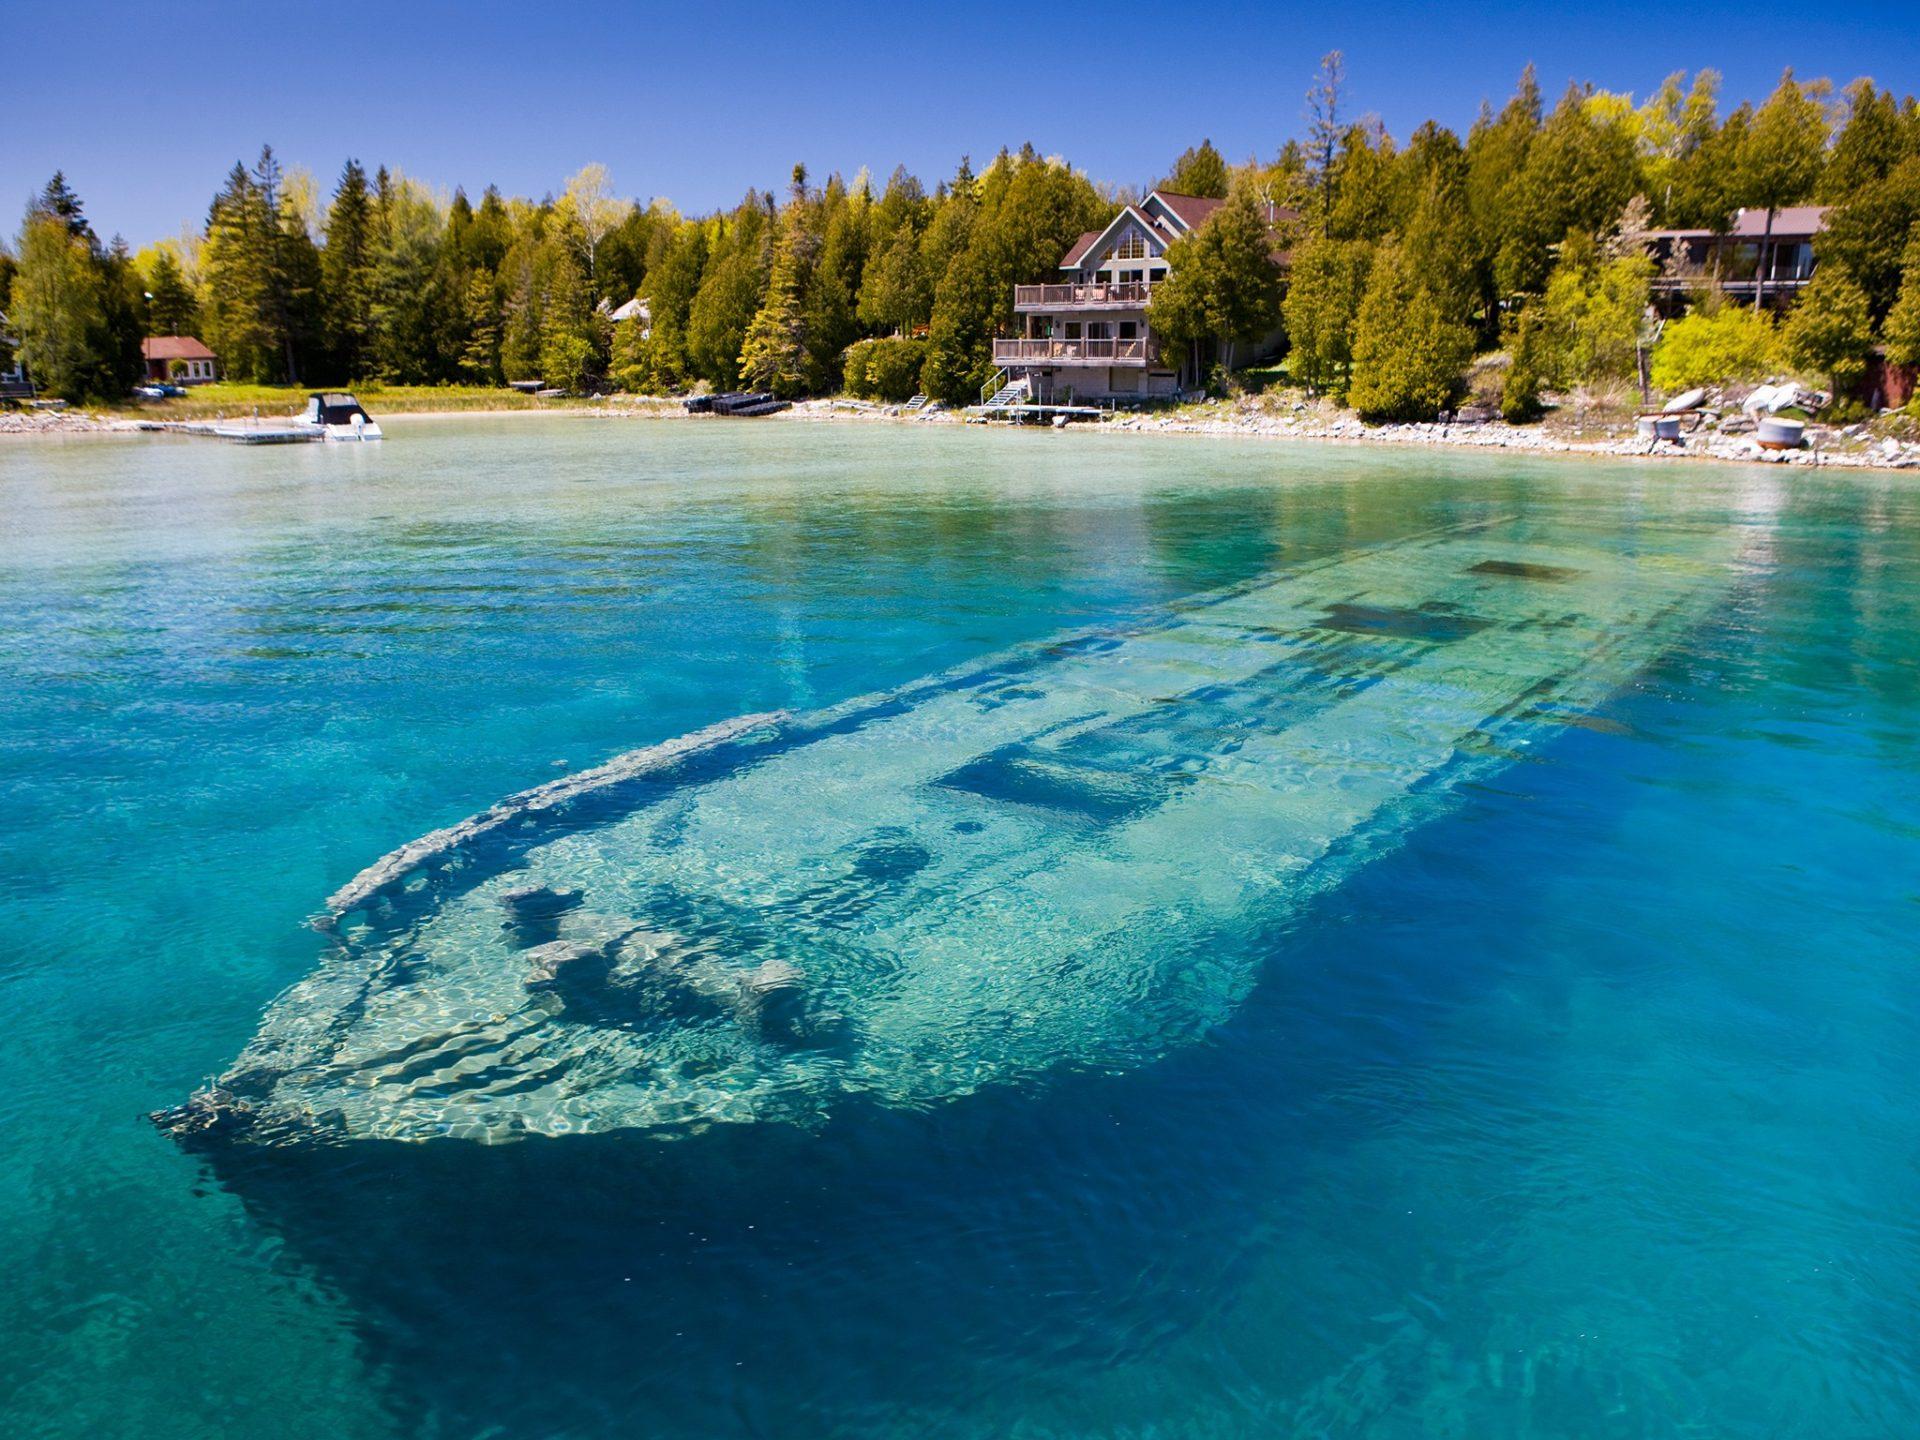 4. Затонувшая шхуна Sweepstakes, озеро Гурон, Канада.